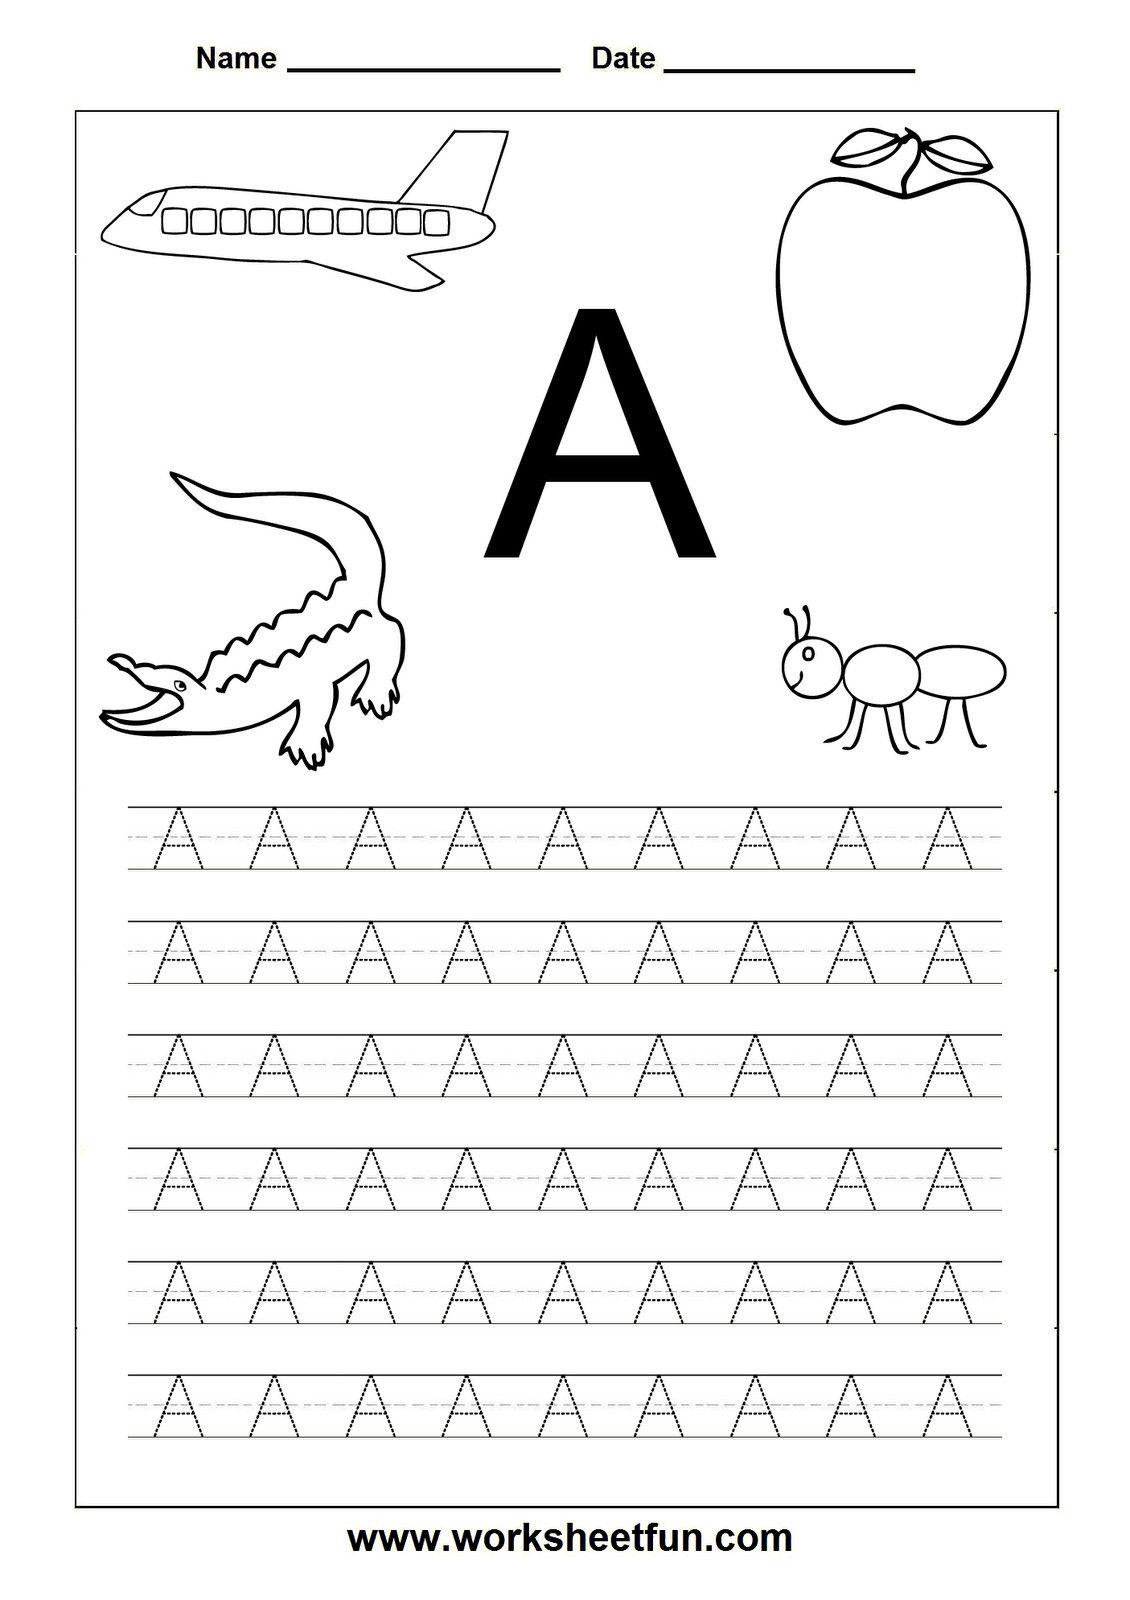 5 Free Alphabet Worksheets Preshooler In 2020 Alphabet Worksheets Free Alphabet Tracing Worksheets Printable Alphabet Worksheets Lowercase abc tracing worksheets pdf